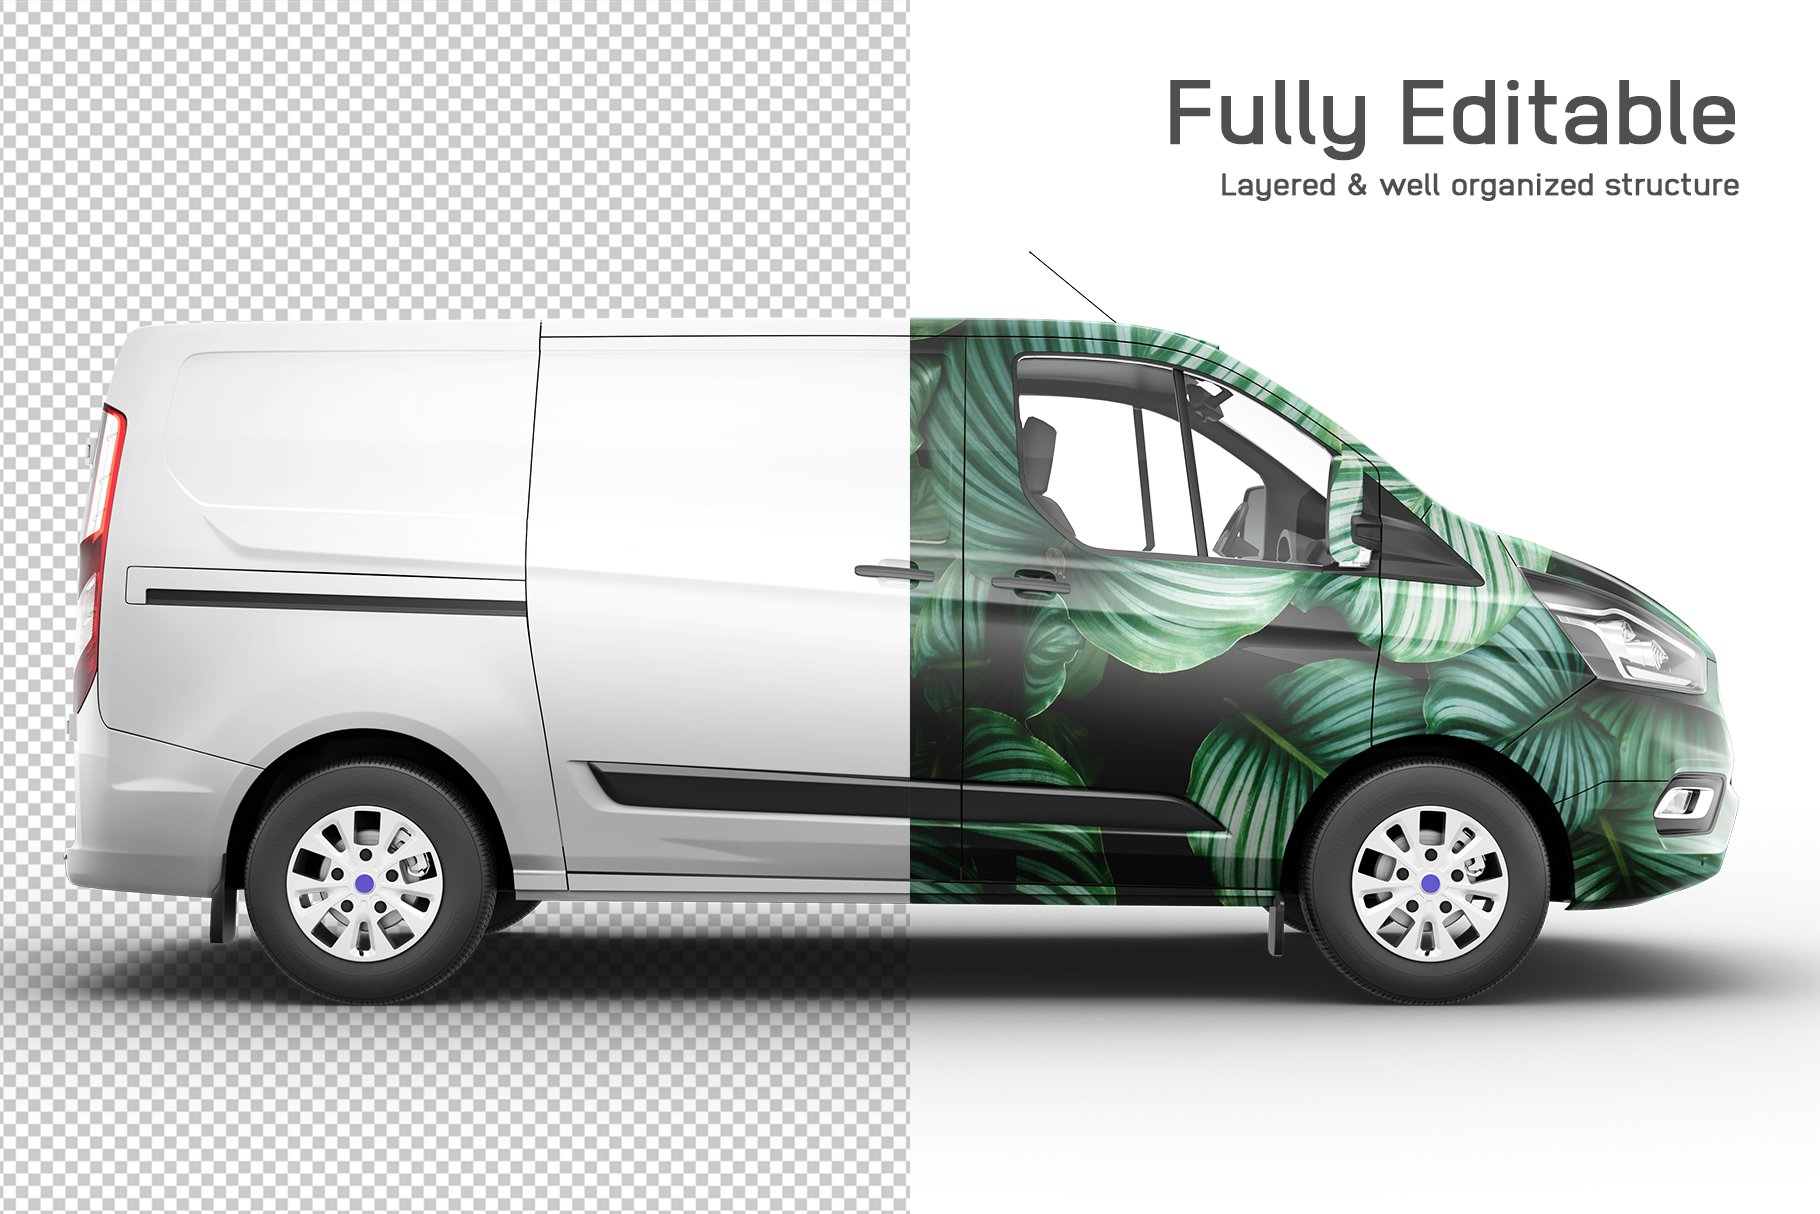 8个封闭面包货车车身广告设计展示样机模板 Van Mockup 14插图2